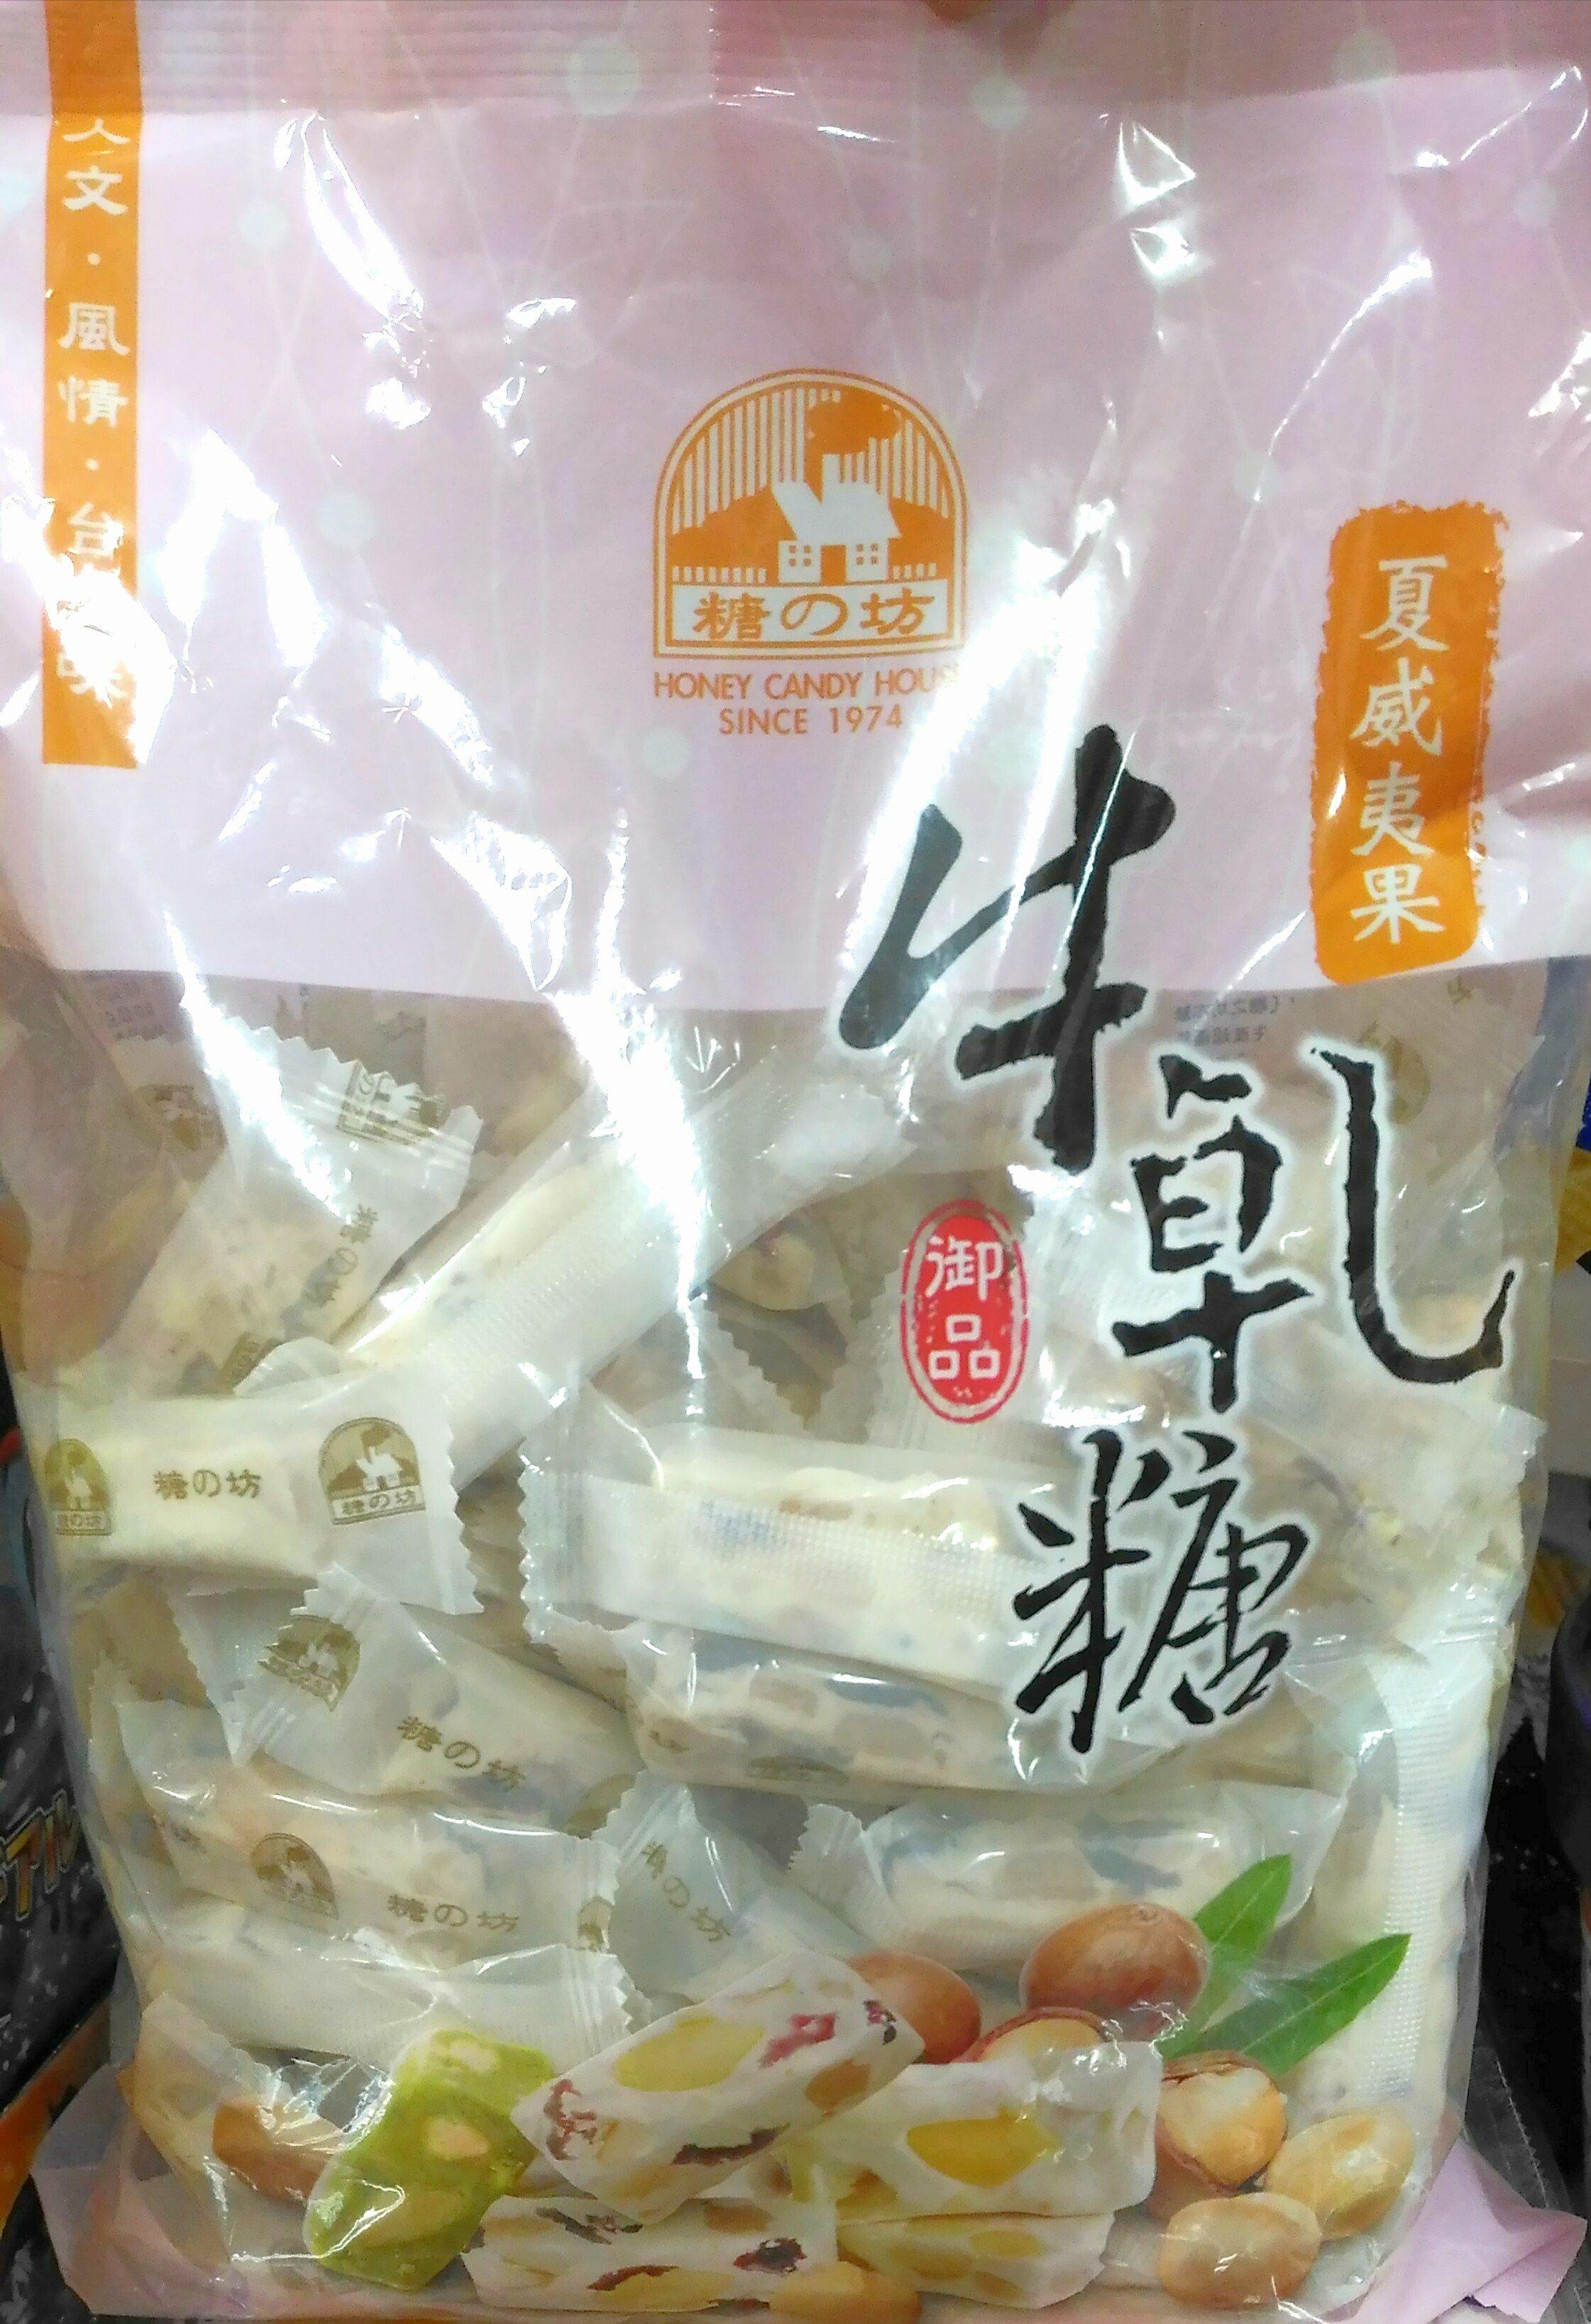 ☆°╮《艾咪小鋪》☆°╮台灣糖の坊(糖之坊/糖坊)原味夏威夷牛軋糖 / 蔓越莓夏威夷豆牛軋糖1000g~